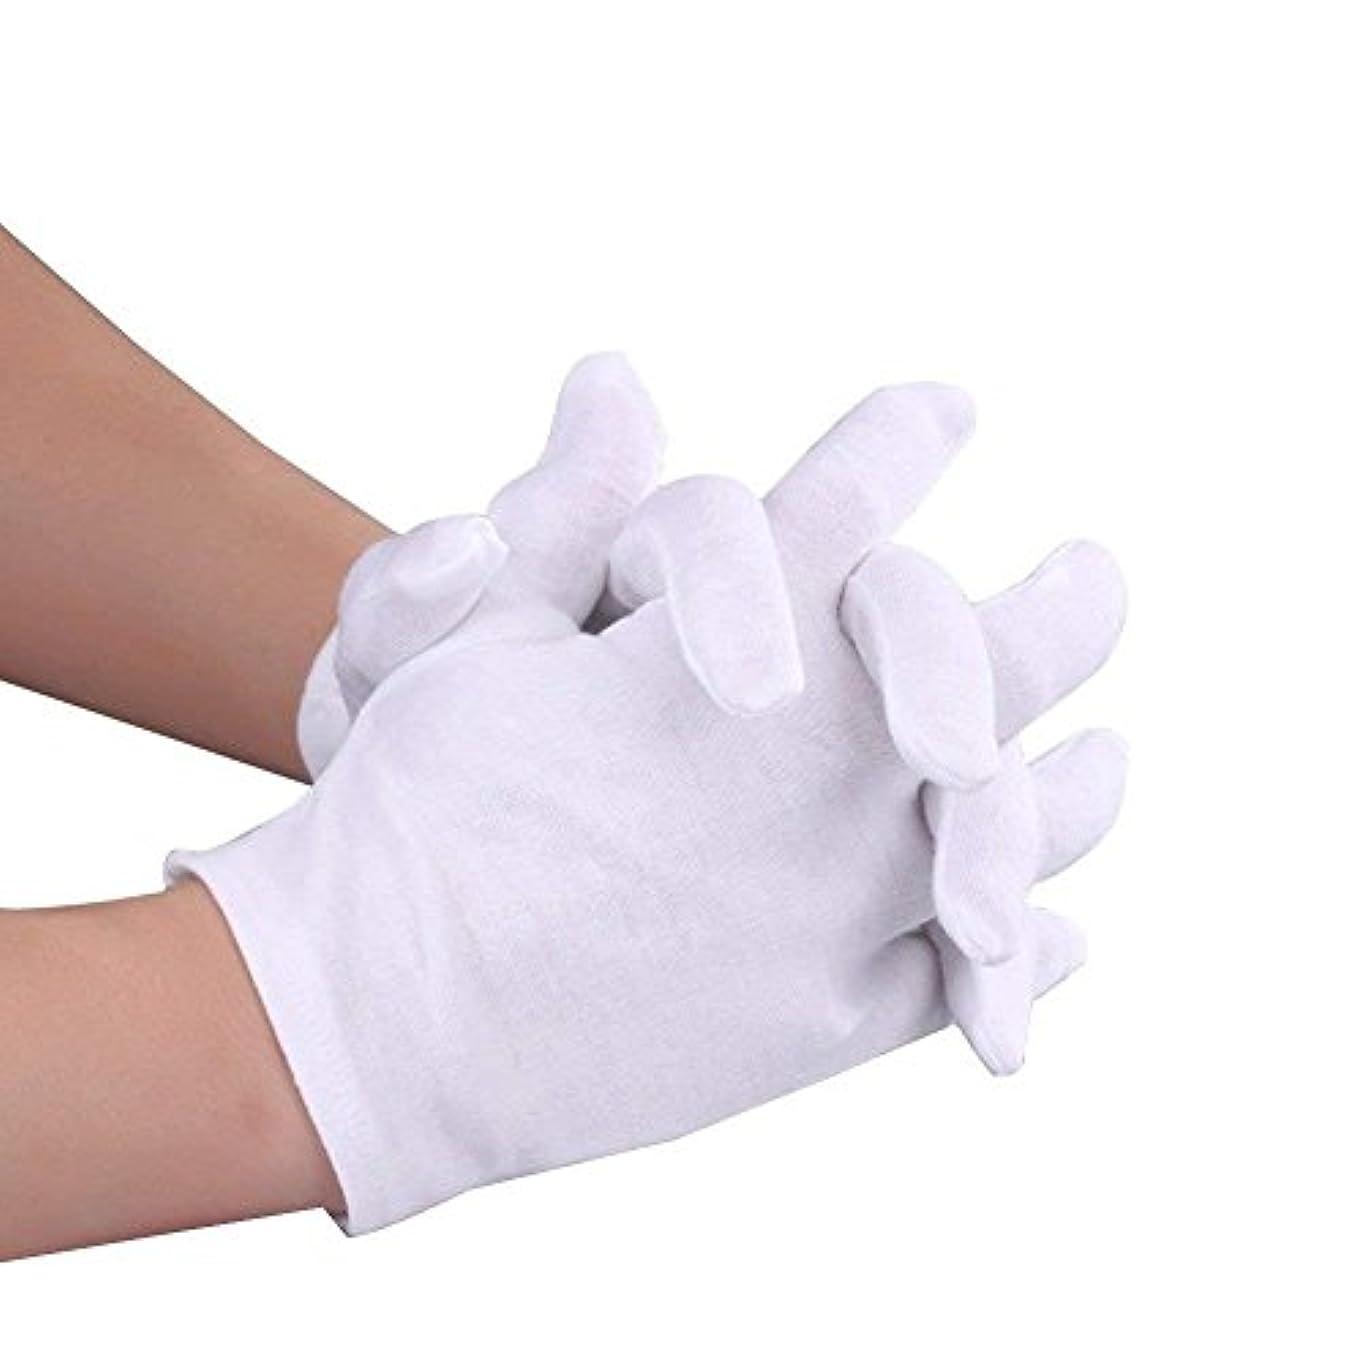 バッフル納得させる相関するWolfride 15Pairs コットン手袋 綿手袋 インナーコットン手袋 ガーデニング用手袋 入り Sサイズ 湿疹用 乾燥肌用 保湿用 家事用 礼装用